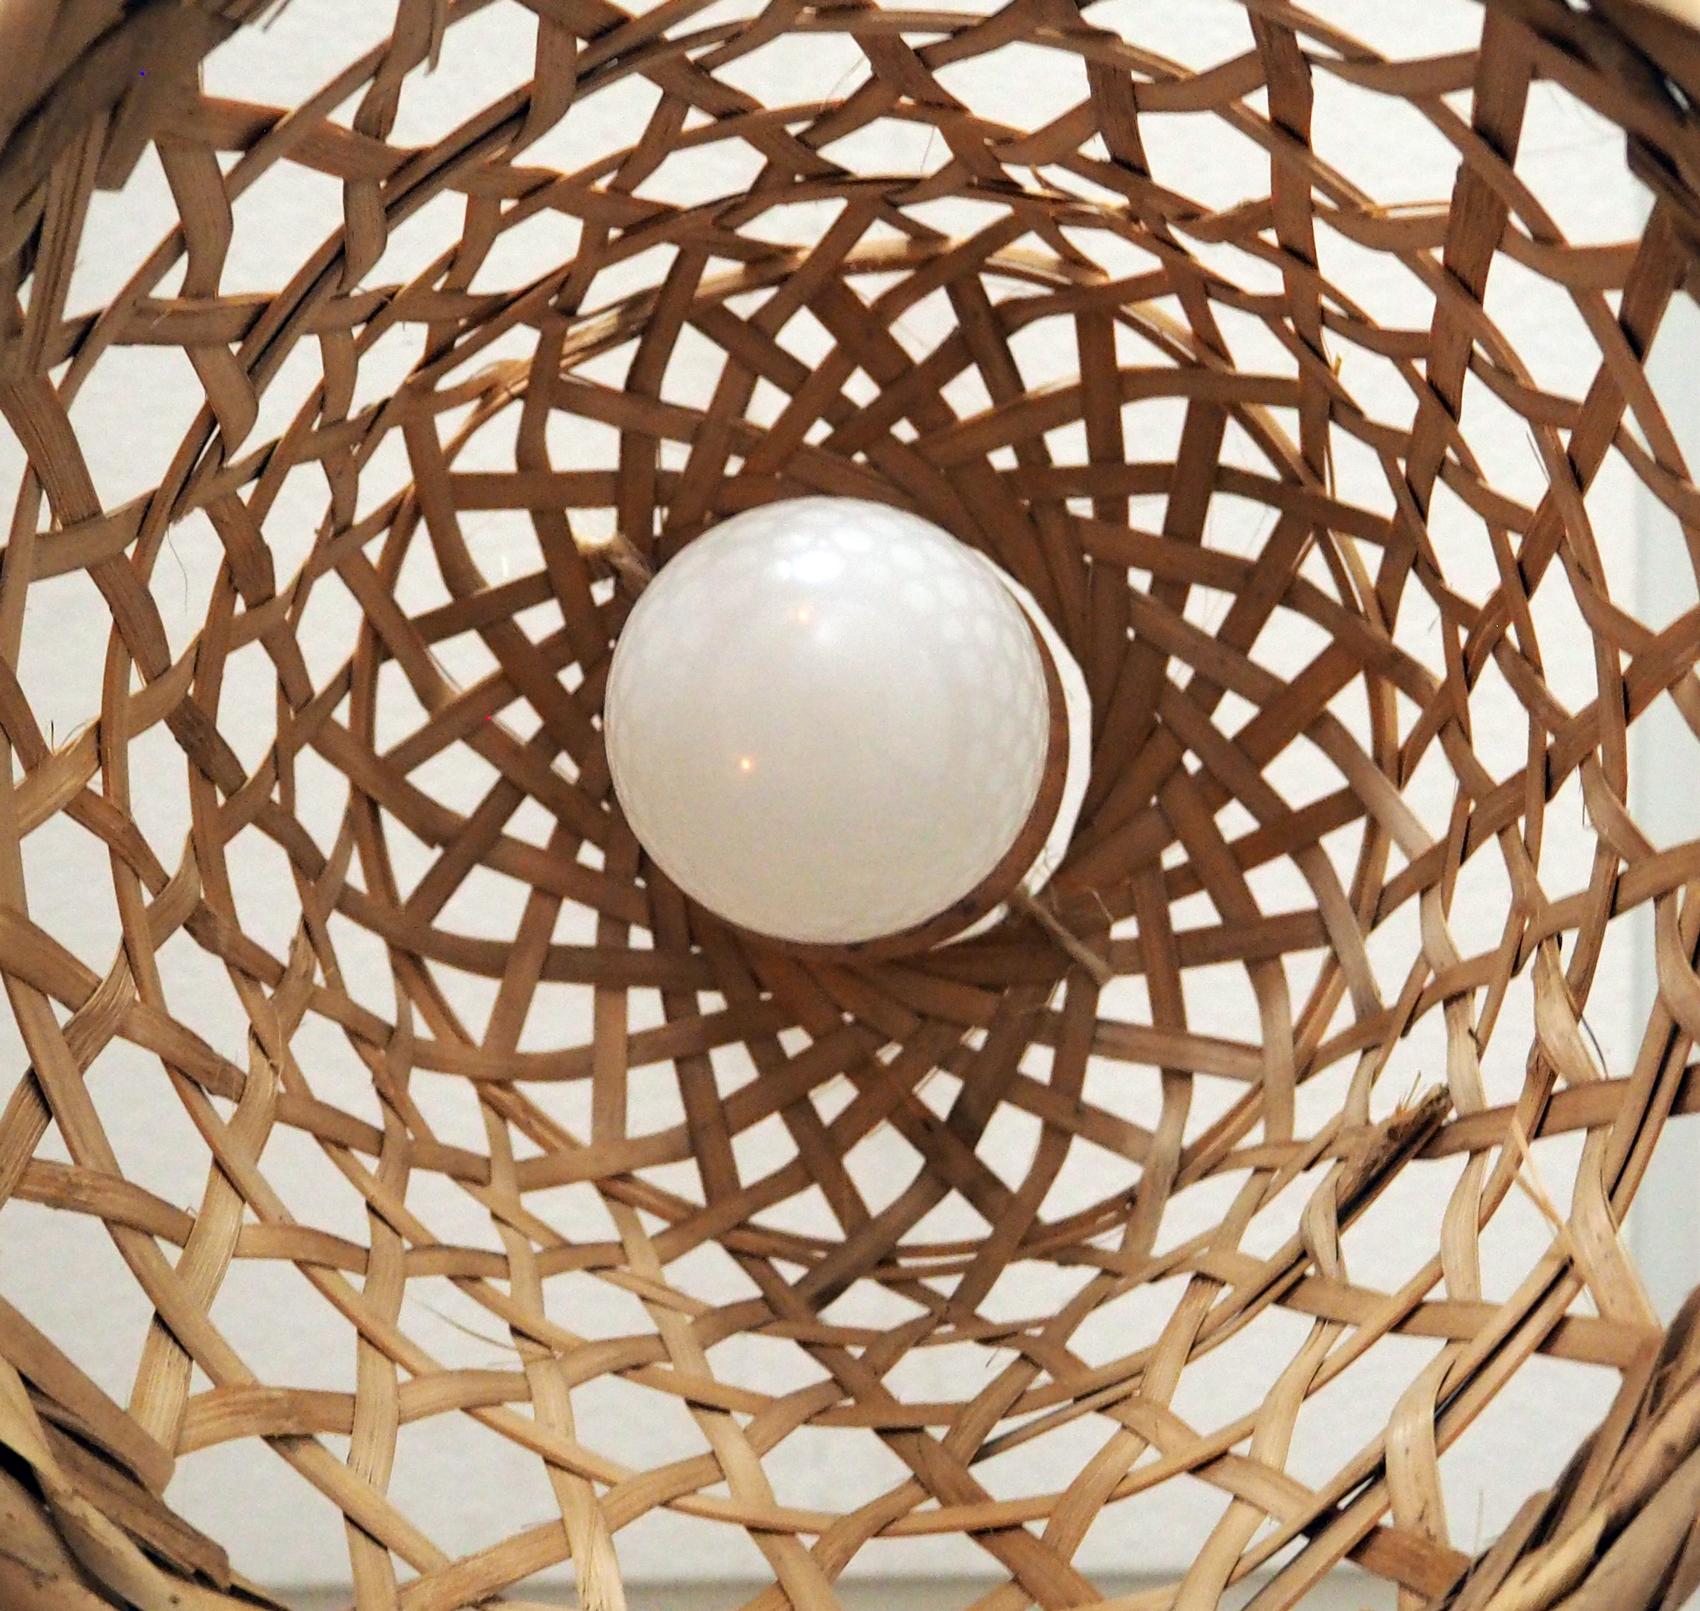 deguayhaus-interior-design-21